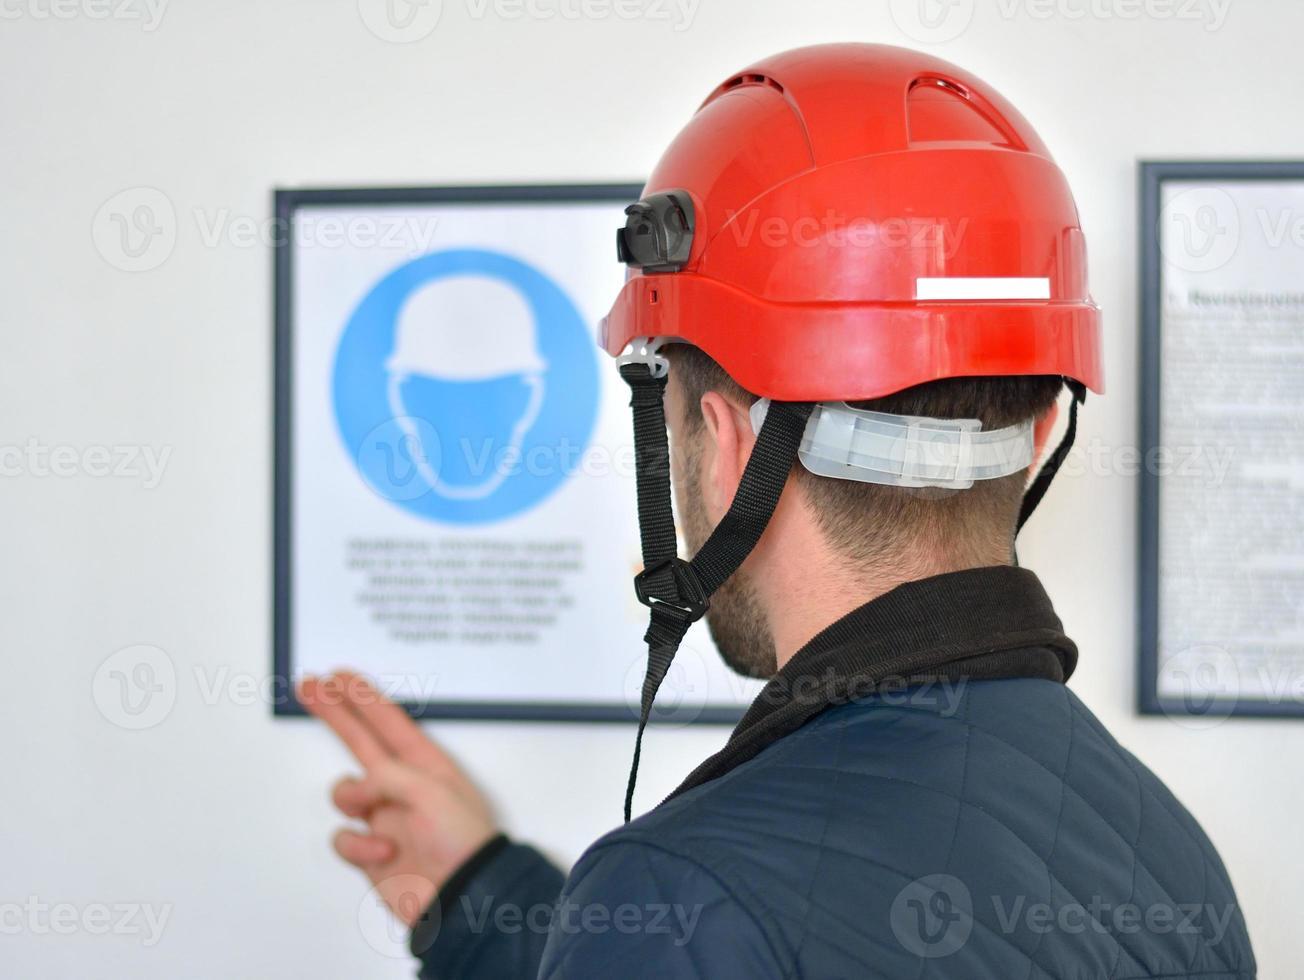 giovane lavoratore manuale indossando elmetto protettivo foto